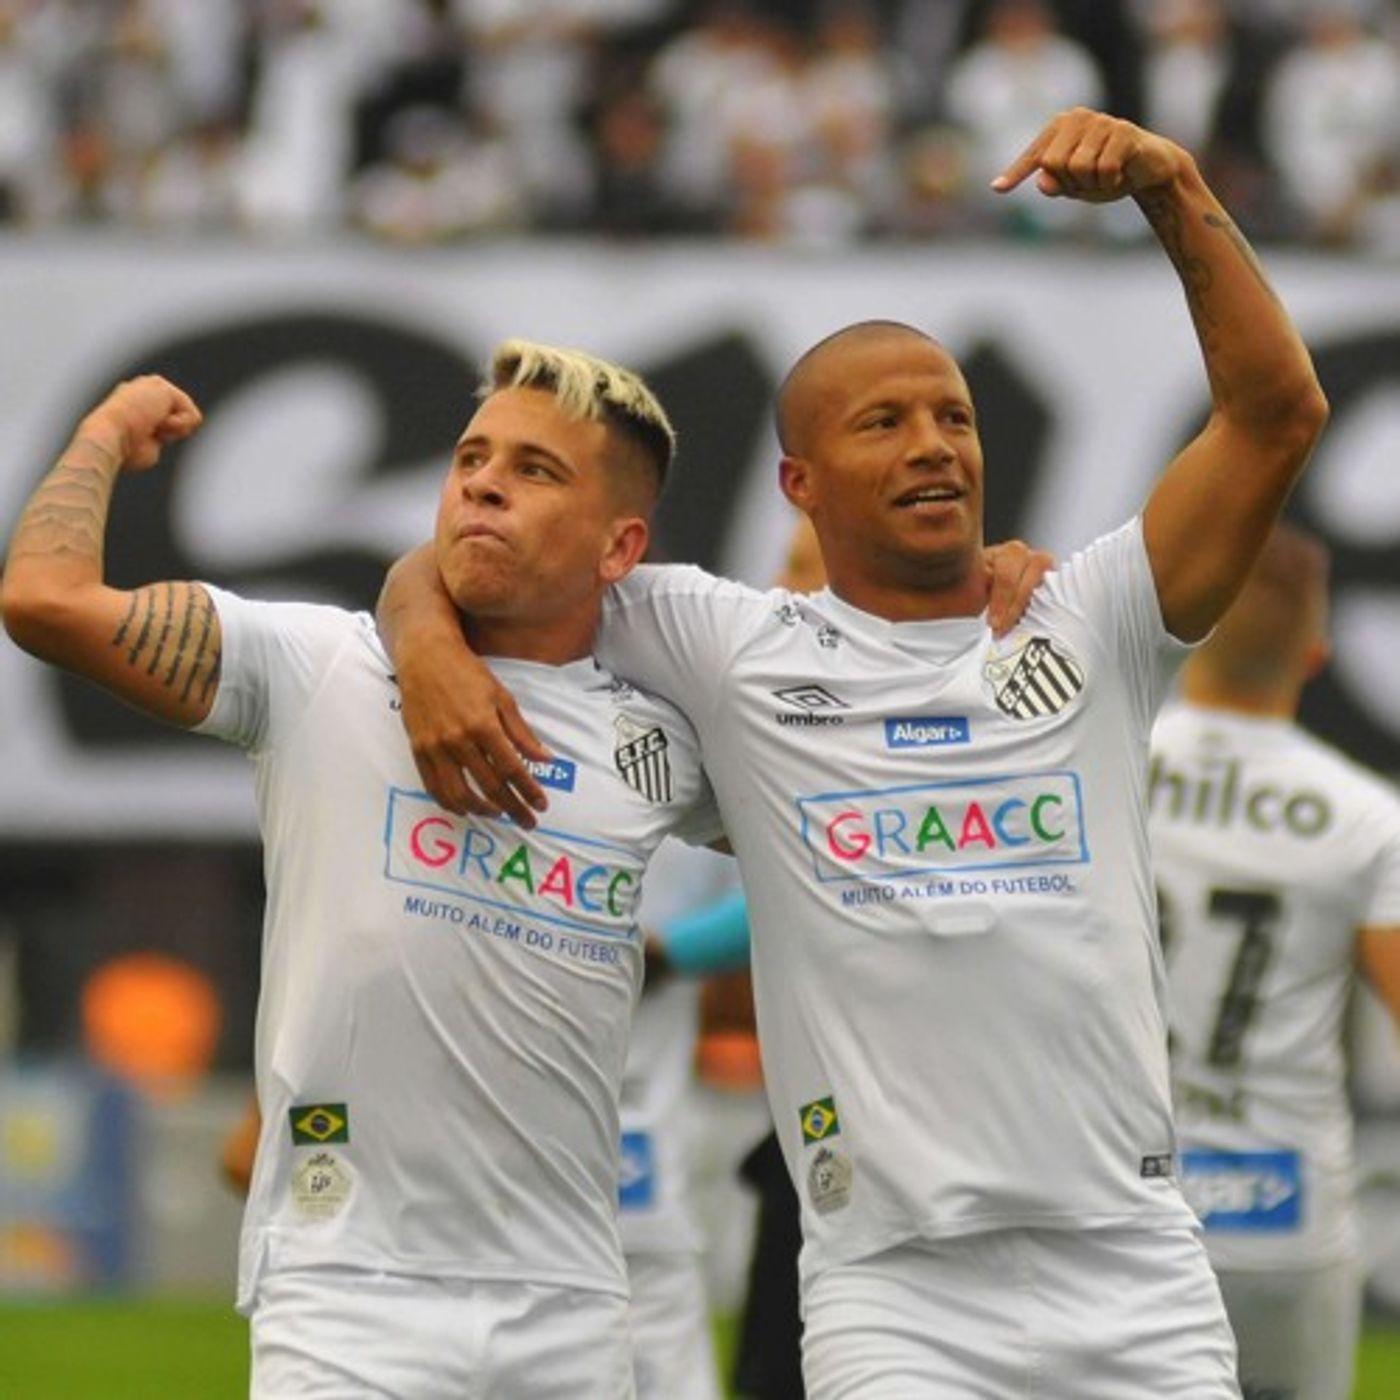 Santos virou favorito ou rivais com elenco ainda vão deslanchar?